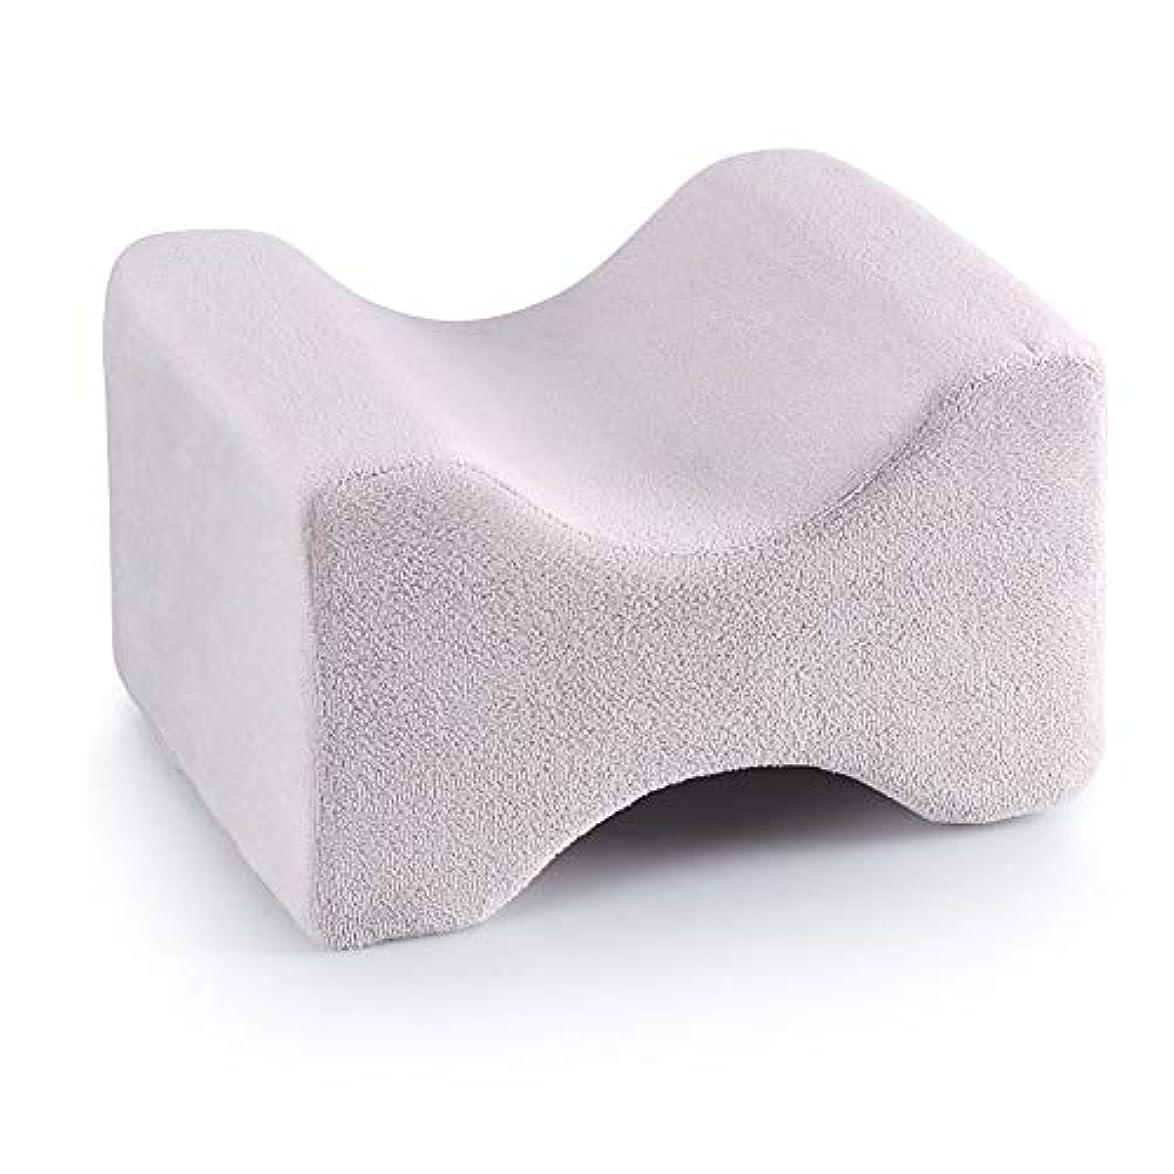 強い手荷物まぶしさ3パック整形外科用膝枕用リリーフ、取り外し可能な洗えるカバー、低反発ウェッジの輪郭を促し、睡眠を促進し、血液循環を改善